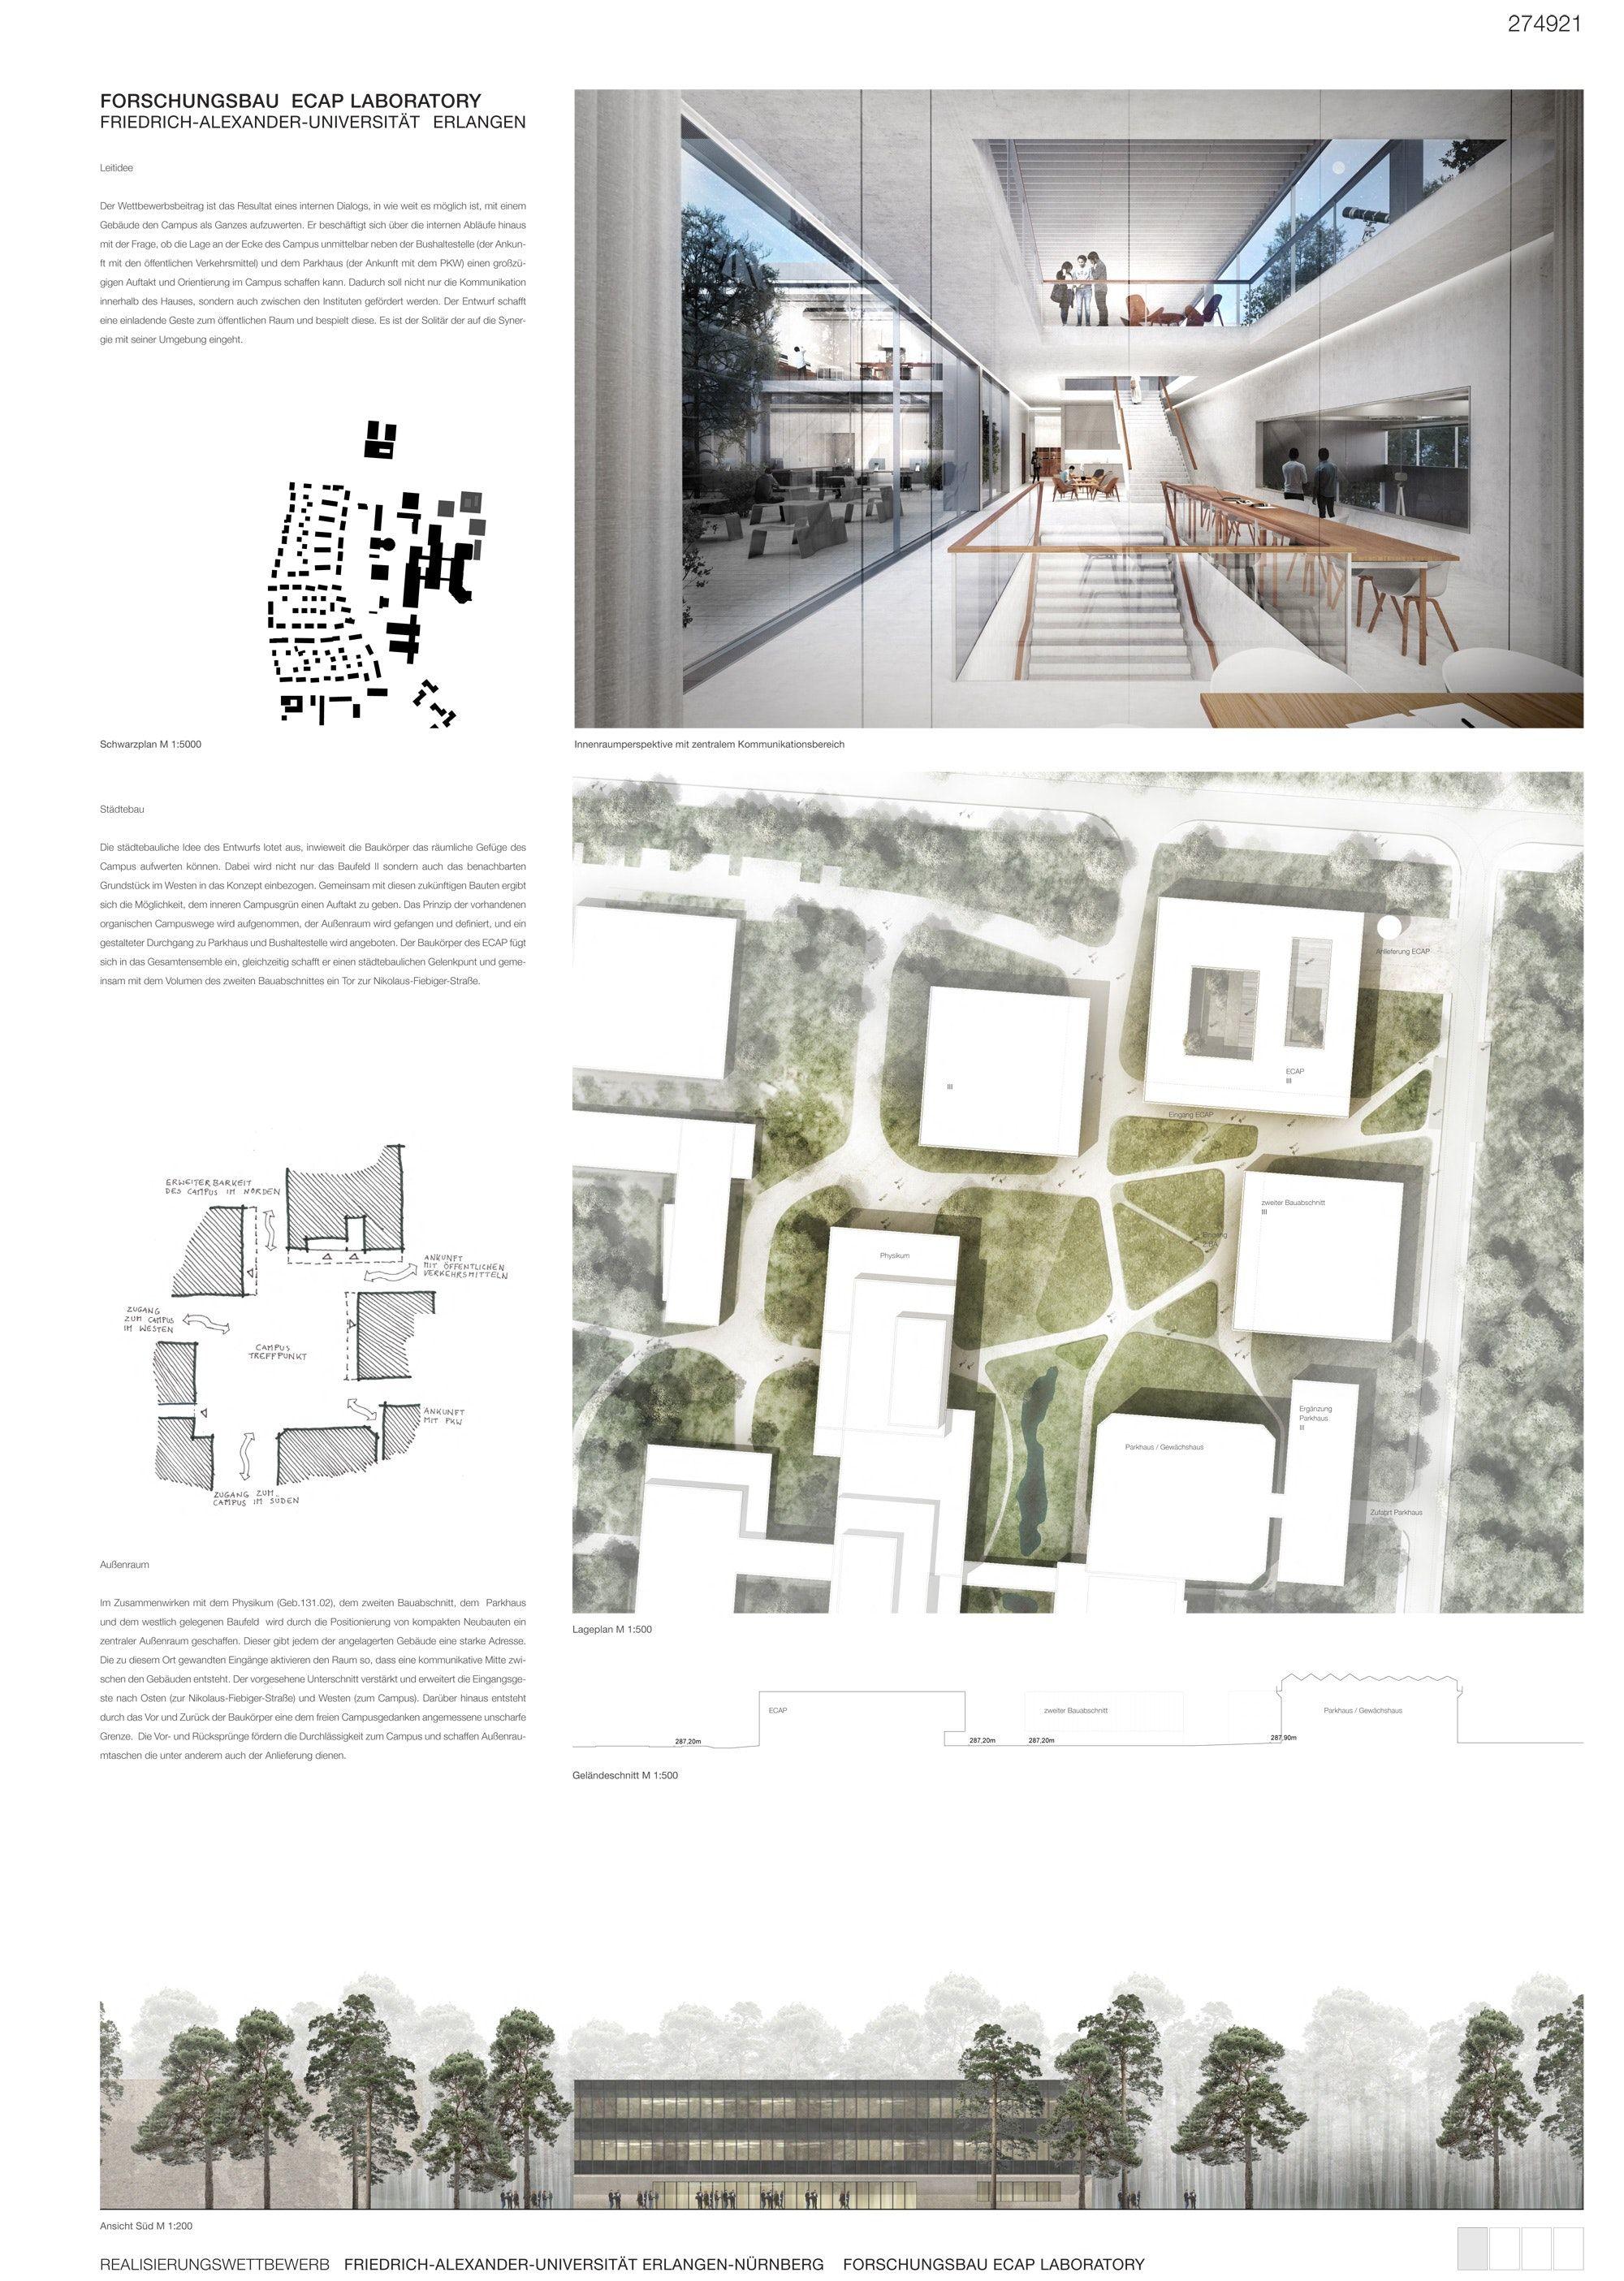 Ergebnis: Universität Erlangen-Nürnberg - Neubau F...competitionline